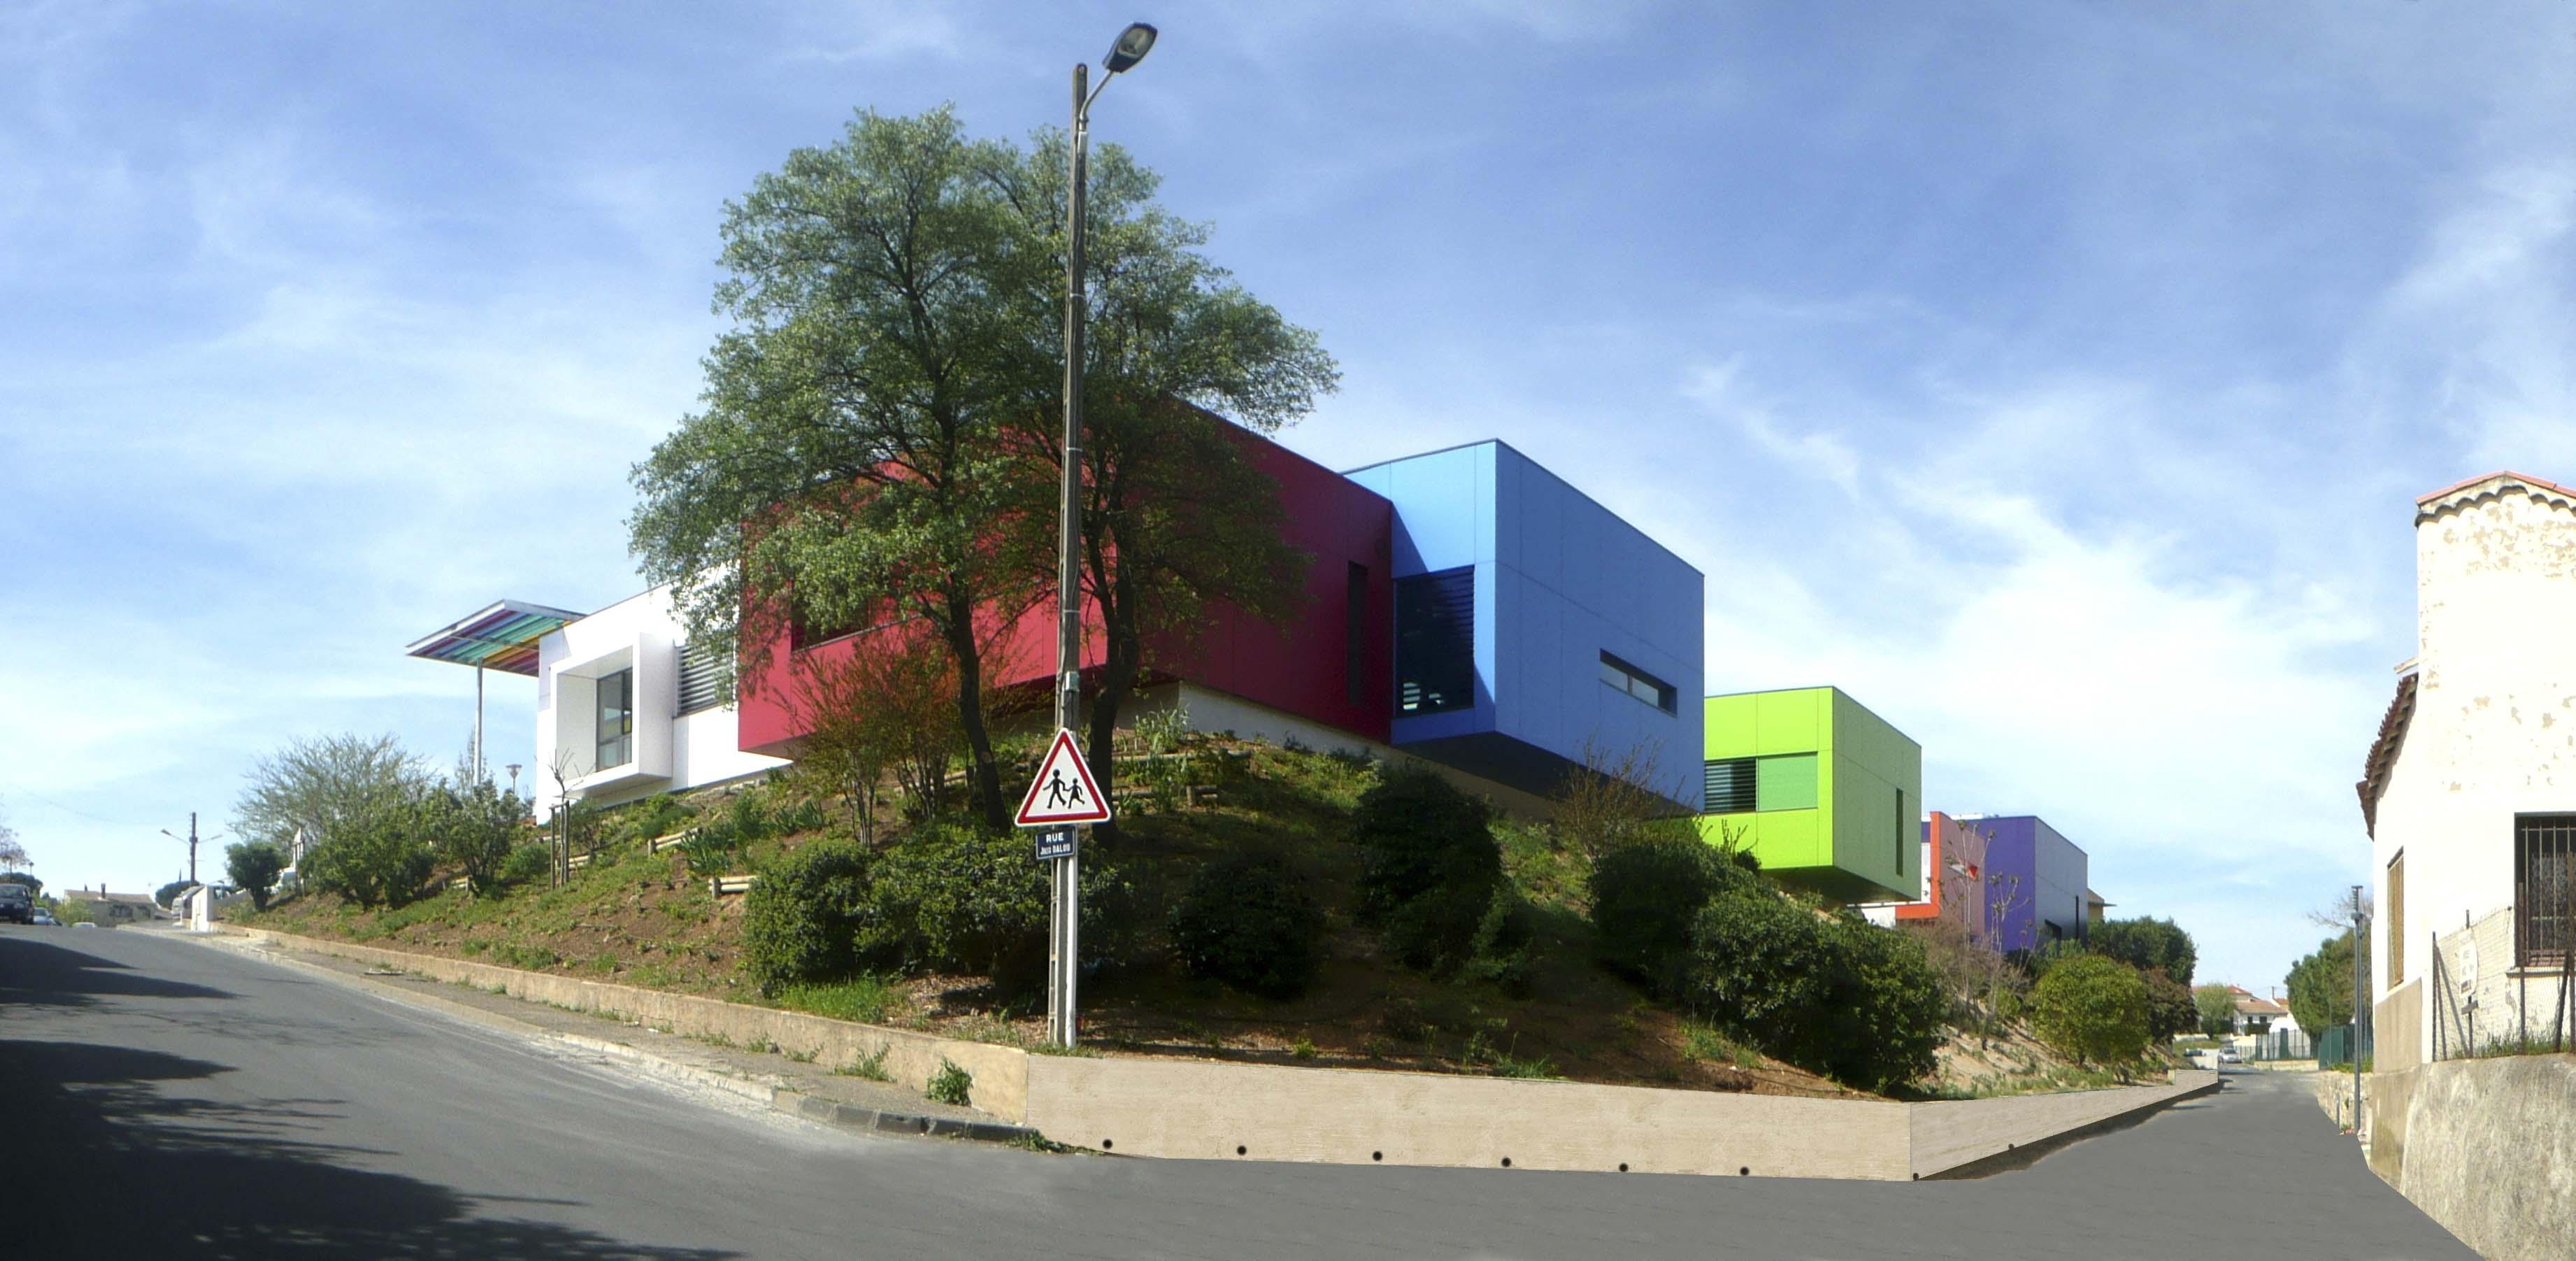 Maison de quartier Beziers BF Architecture 2